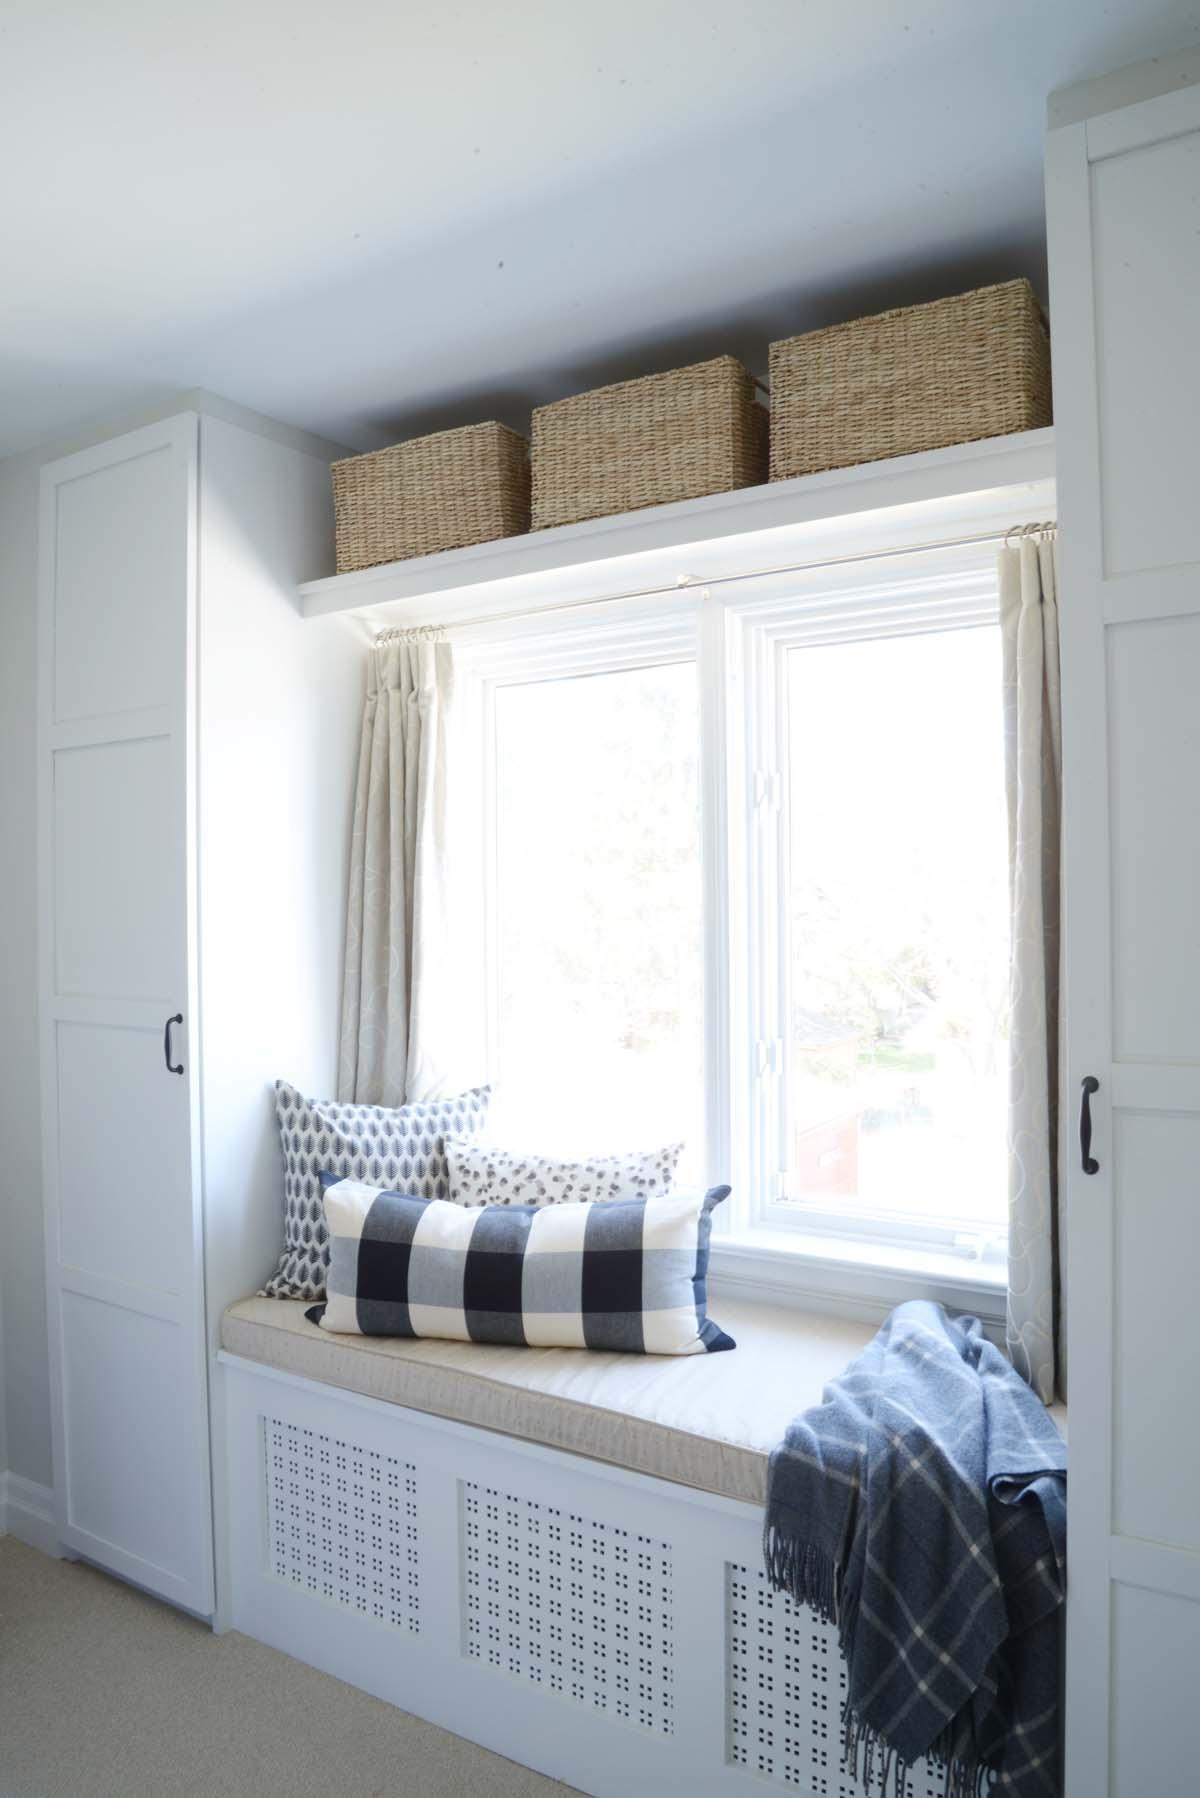 built in window seat, hidden radiator, ikea closet built in